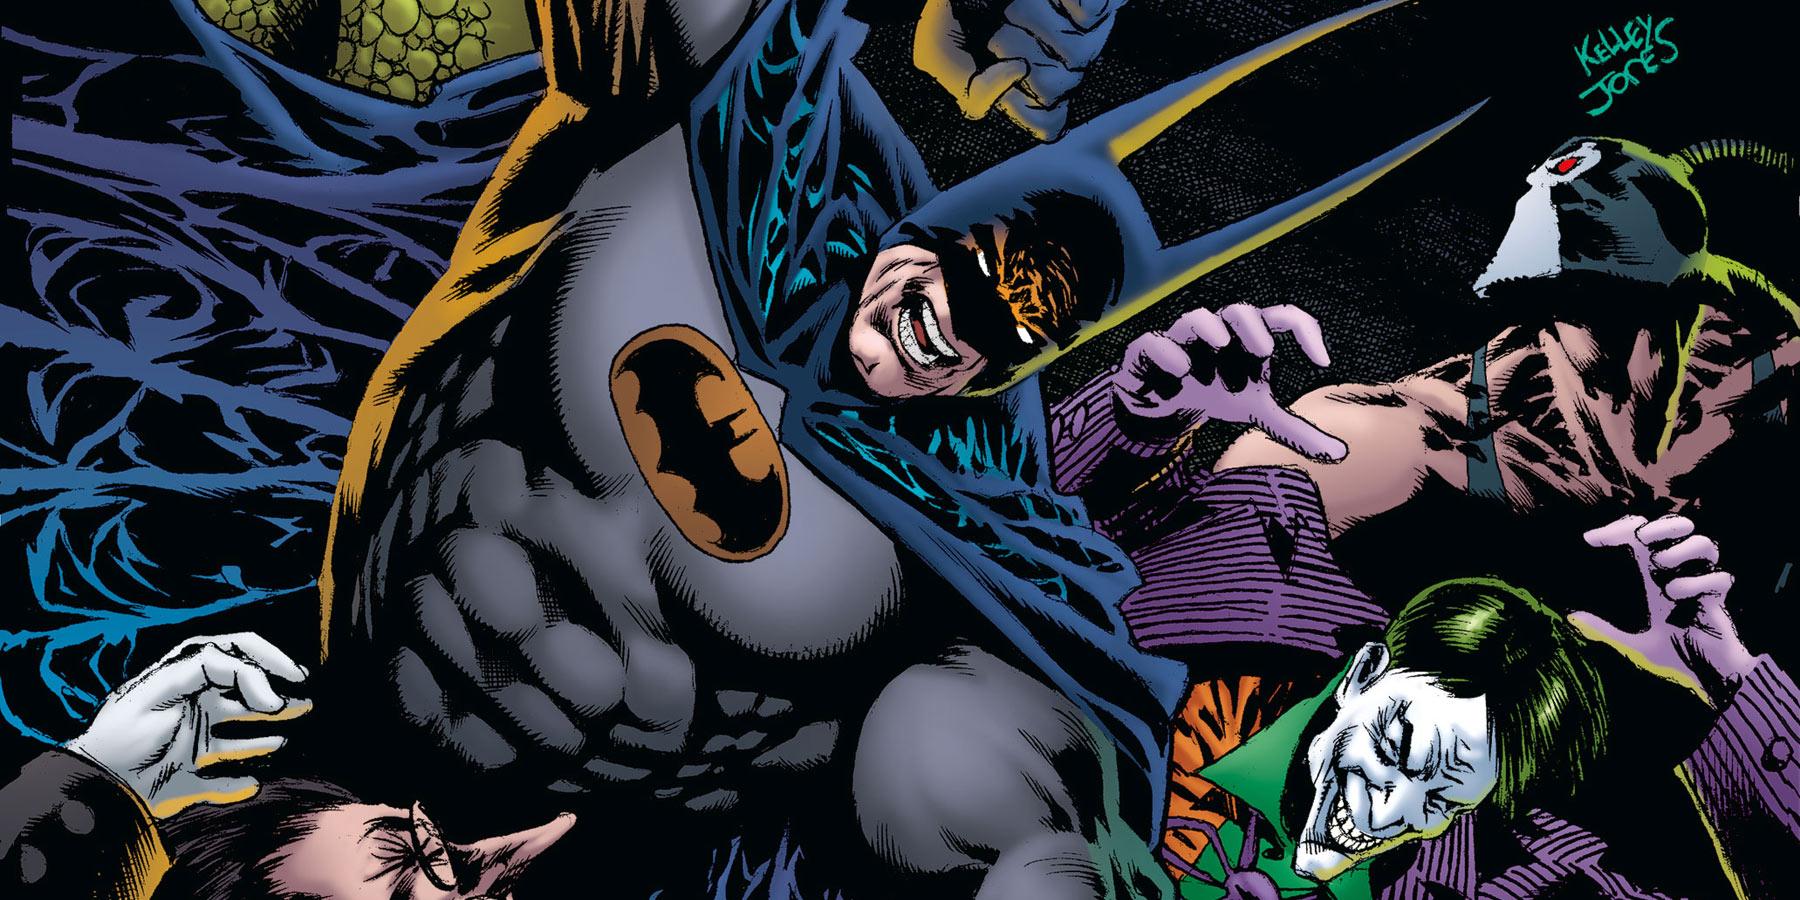 Batman The Dark Knight Returns - Laagste prijs online vinden?